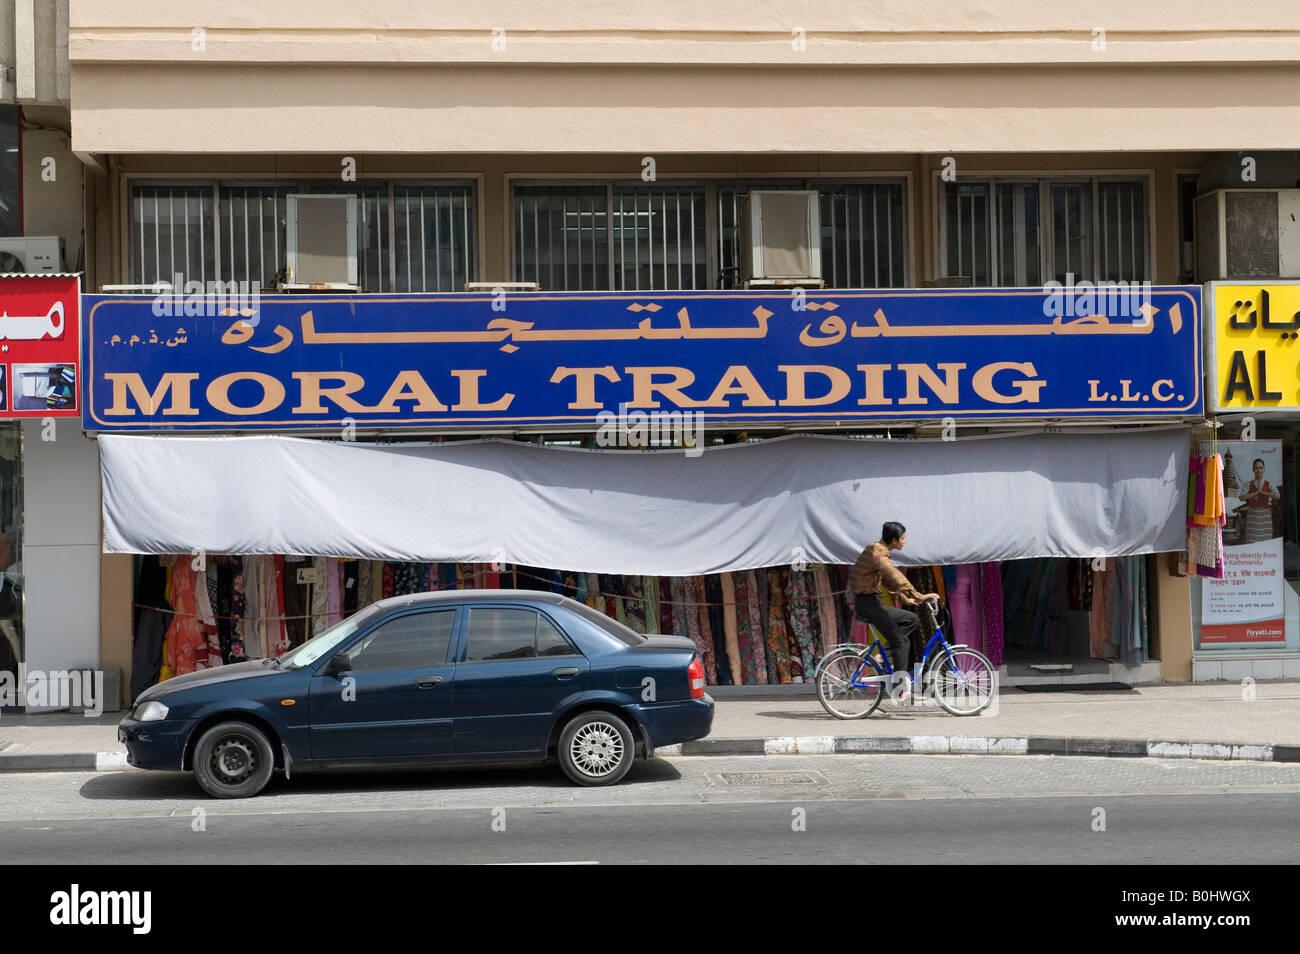 Dubai, Emirati arabi uniti (EAU). Un negozio di fronte al tessuto Souk area di mercato Immagini Stock